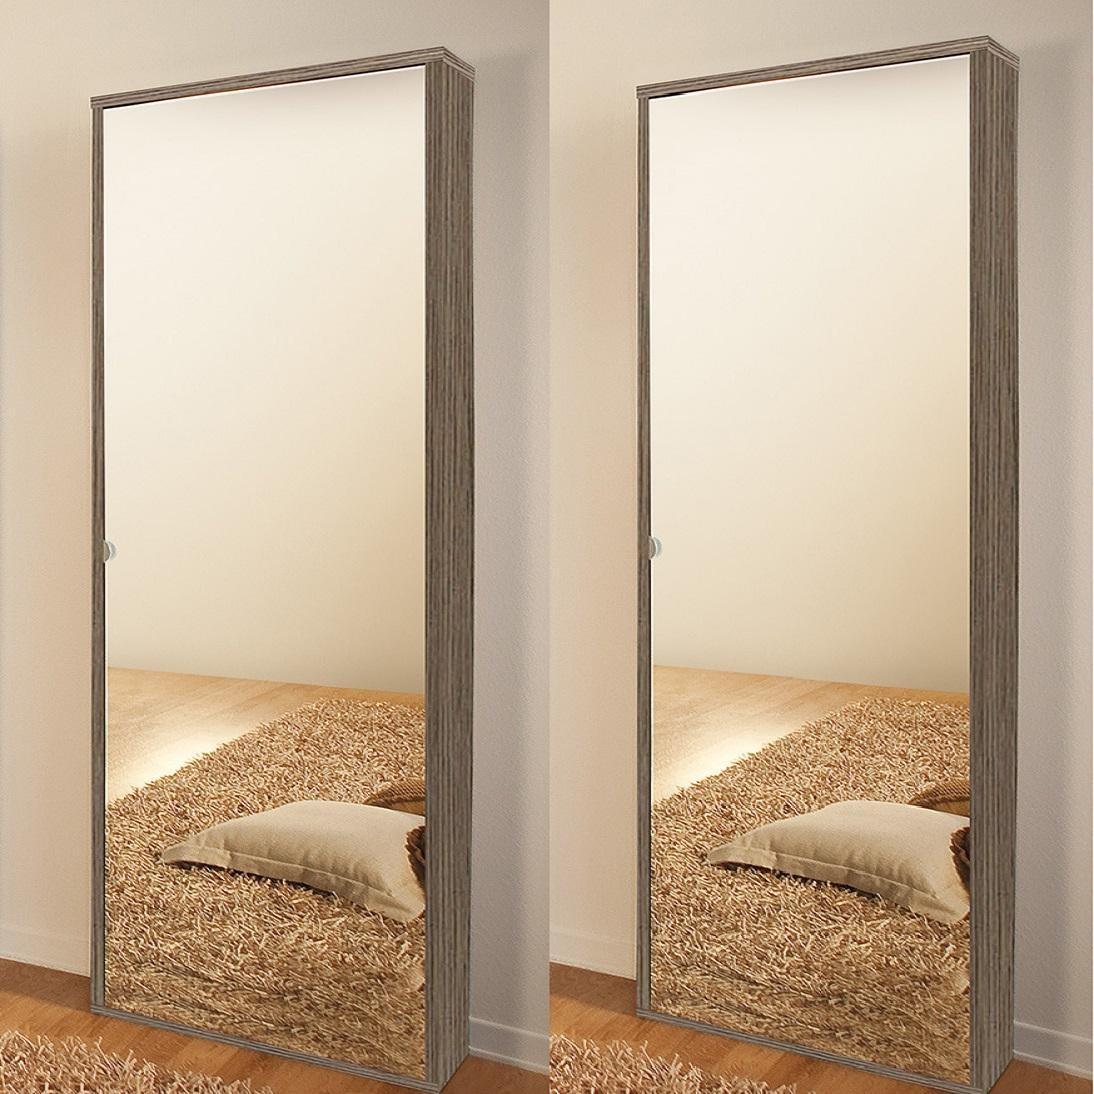 Scarpiera specchio modello nettuno arredo casa fvg for Nettuno mondo convenienza